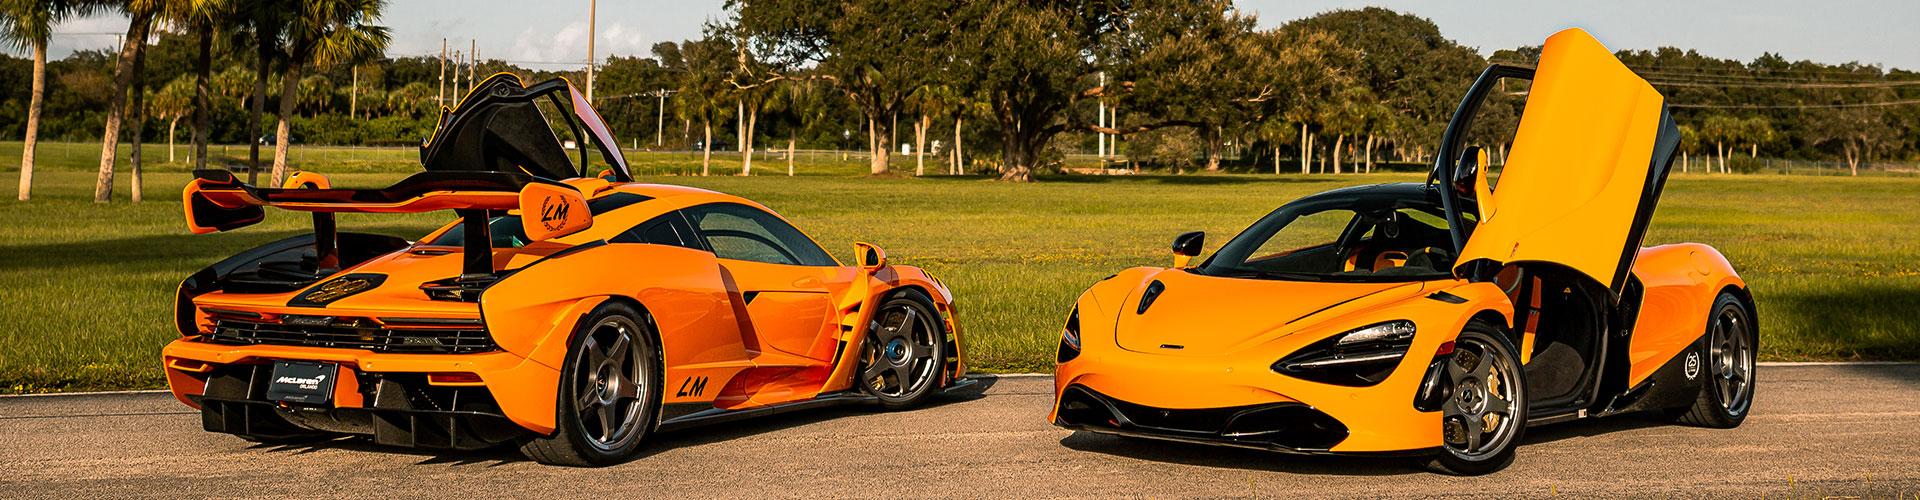 McLaren Vehicles with drivers side door open. Le Mans Victory